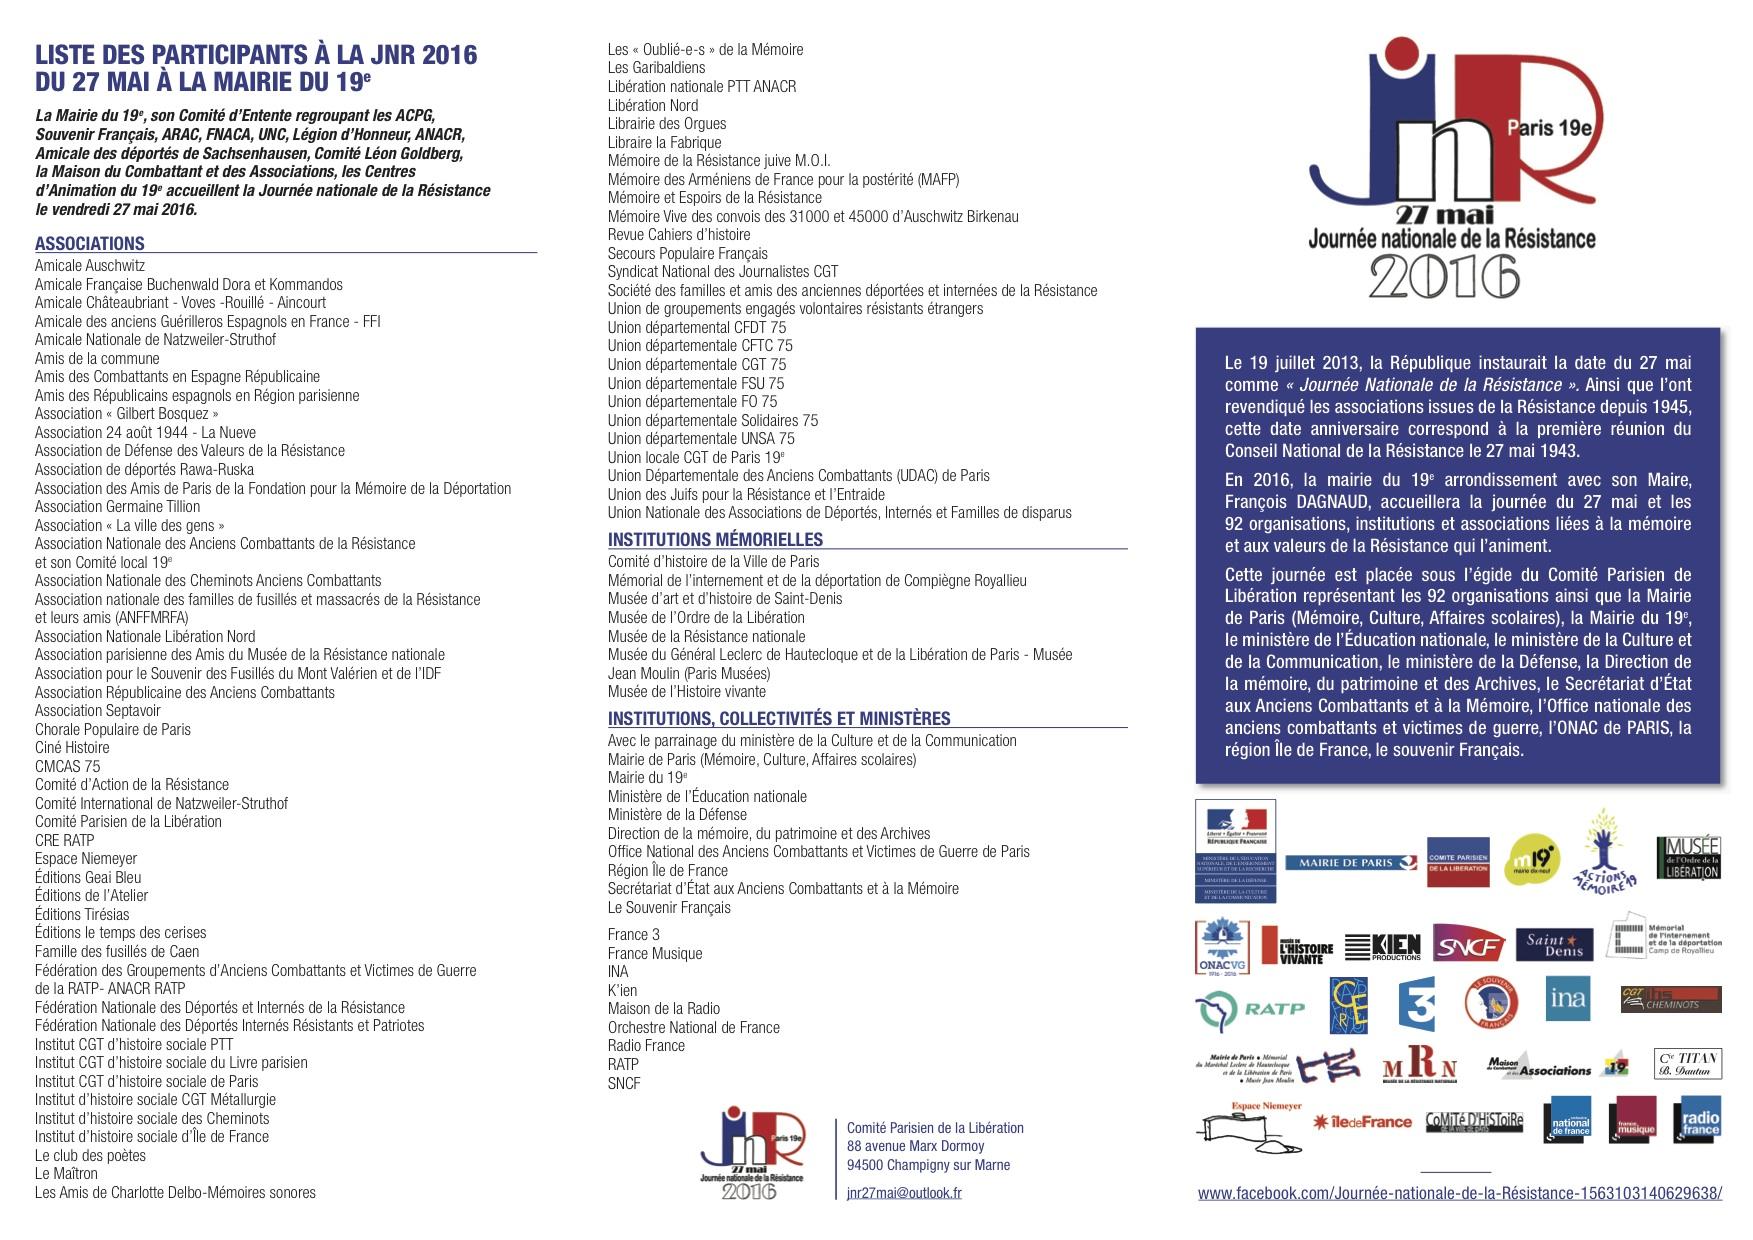 JNR 2016 dépliant - copie